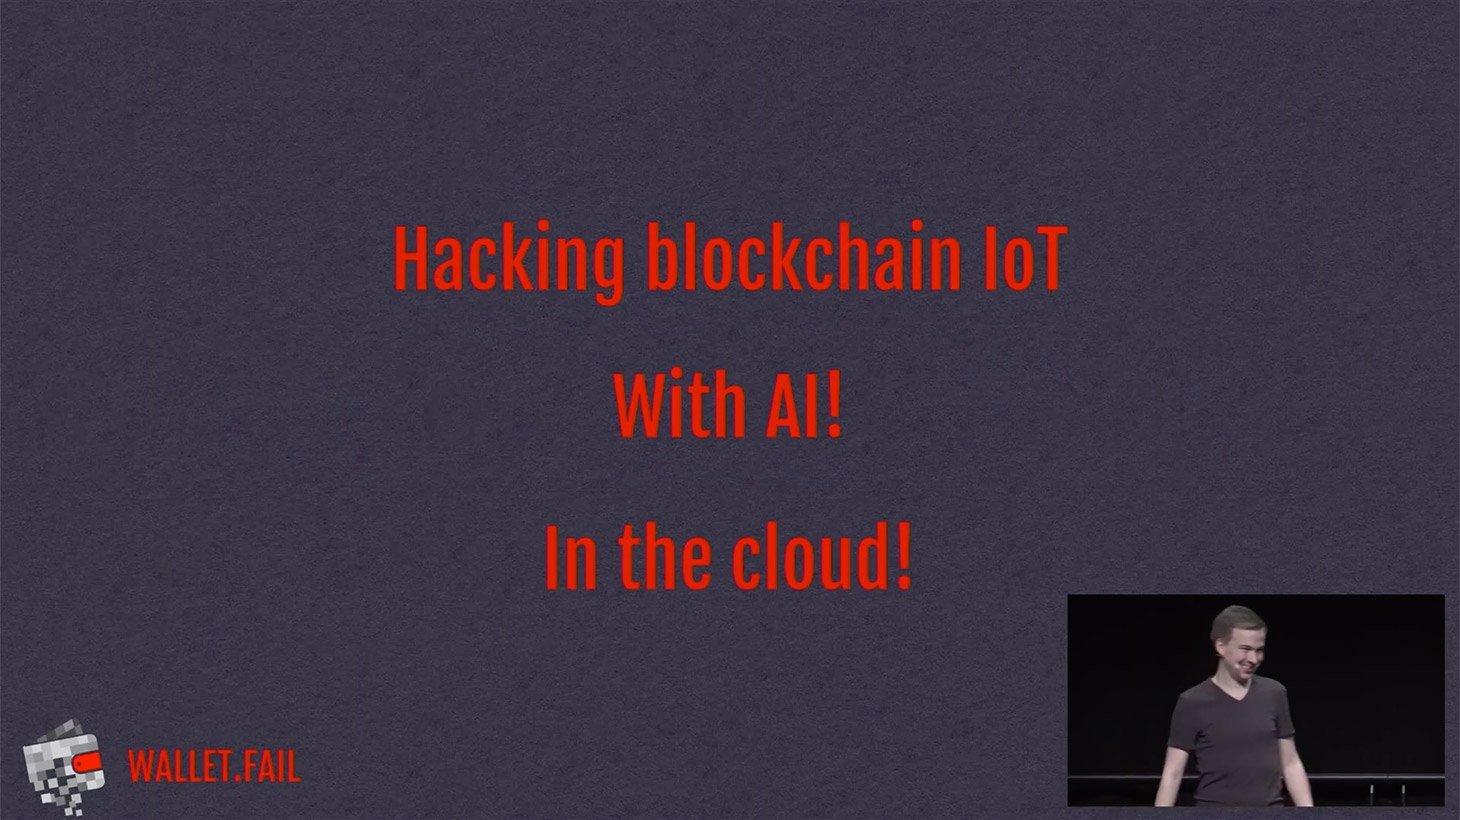 Een blockchain IoT-apparaat hacken met AI in de cloud